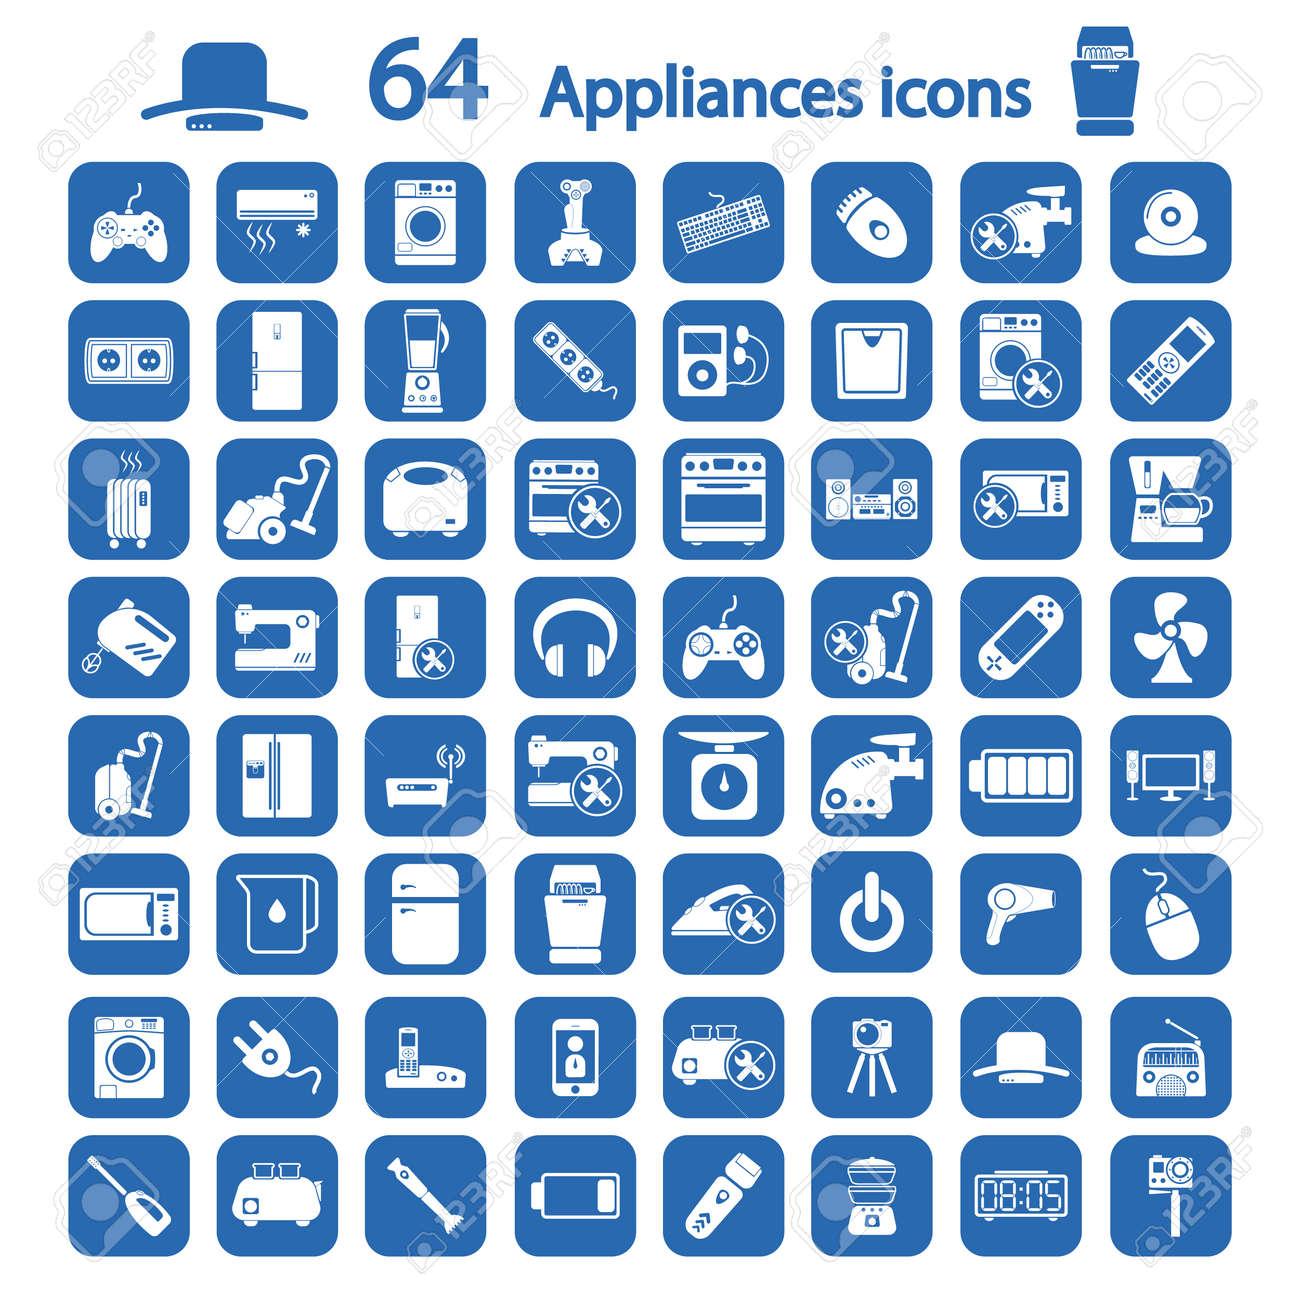 appliances icons set - 50771339